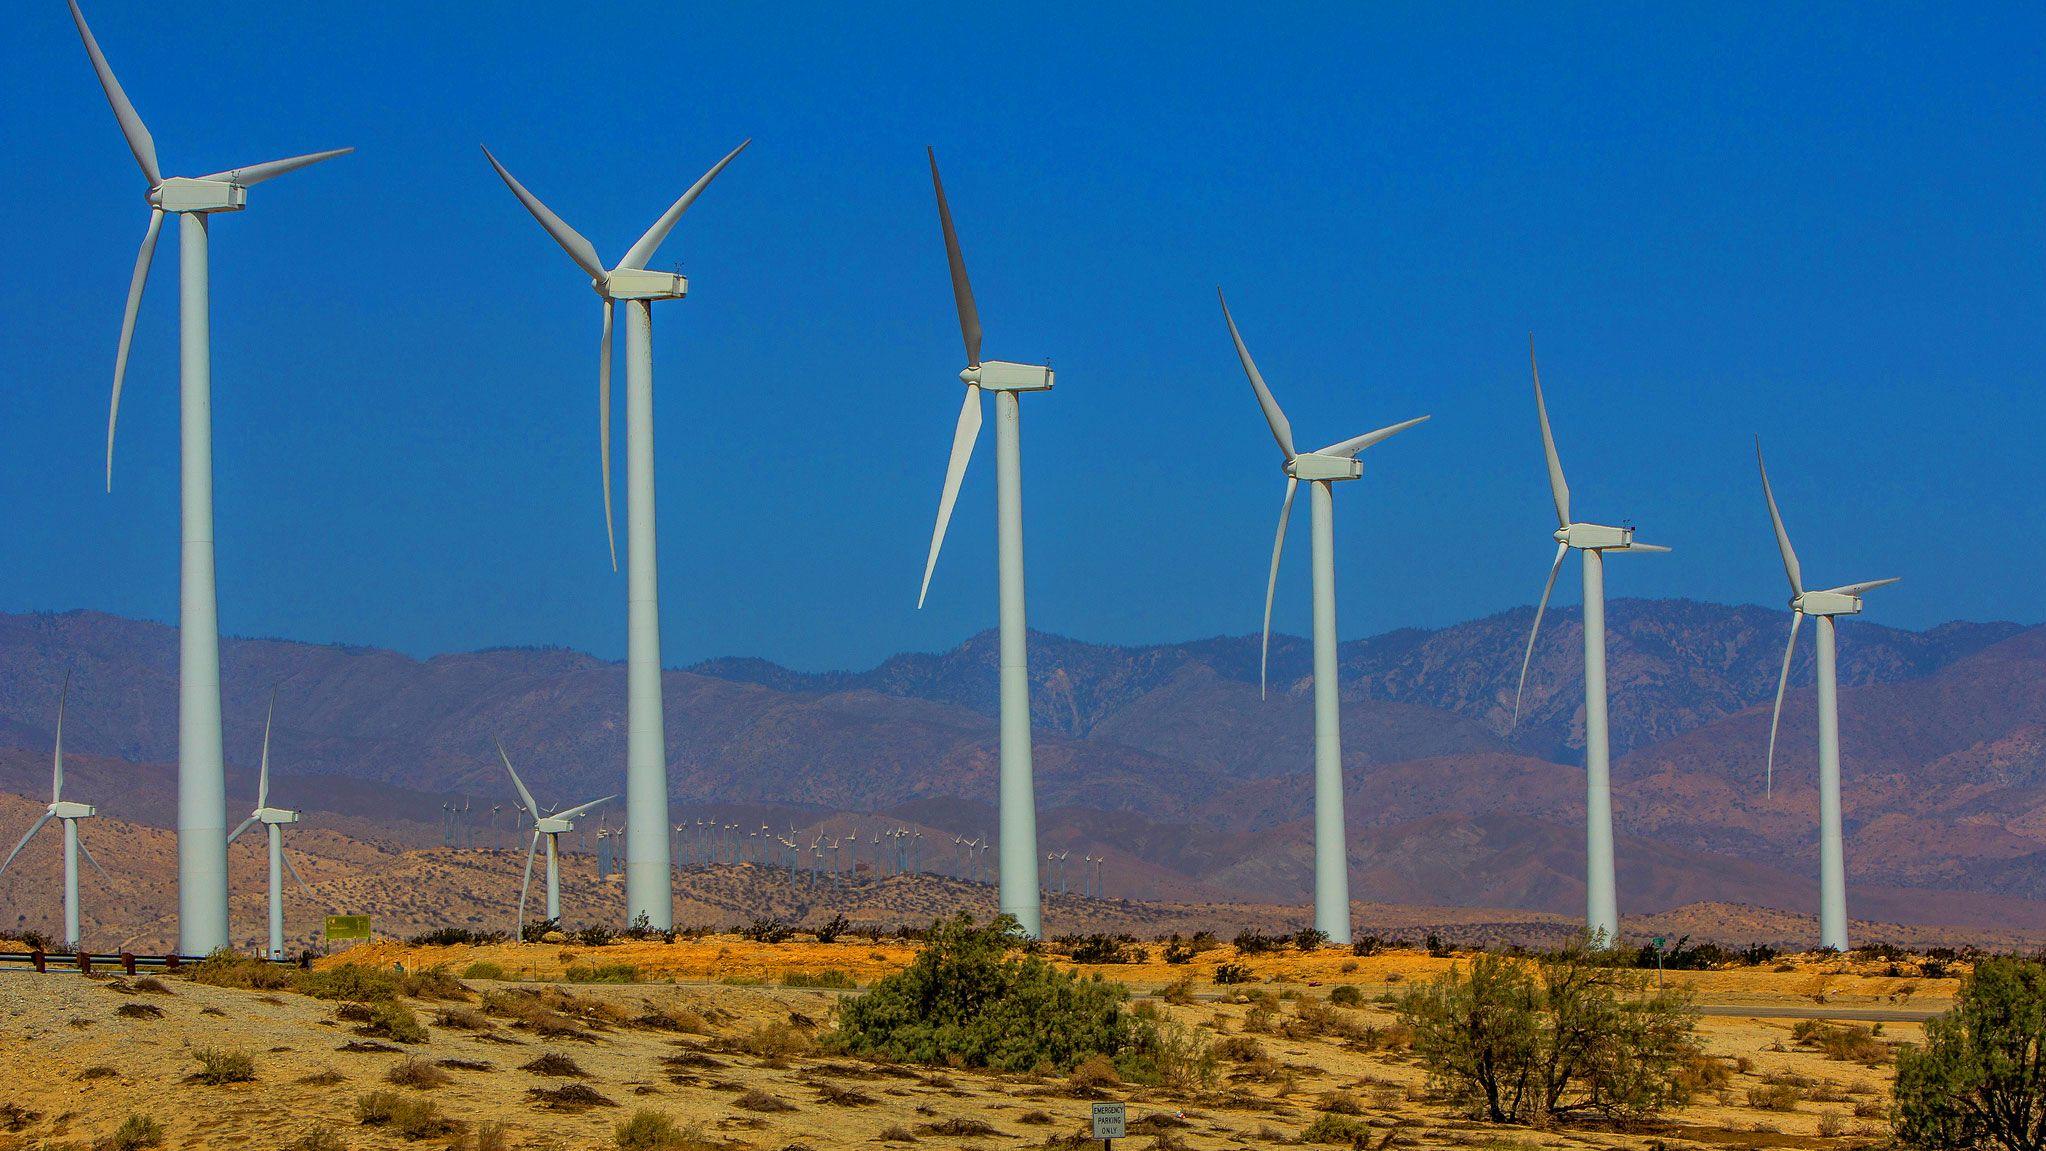 風力発電に思わぬ副作用、短期的には温暖化を促進か?